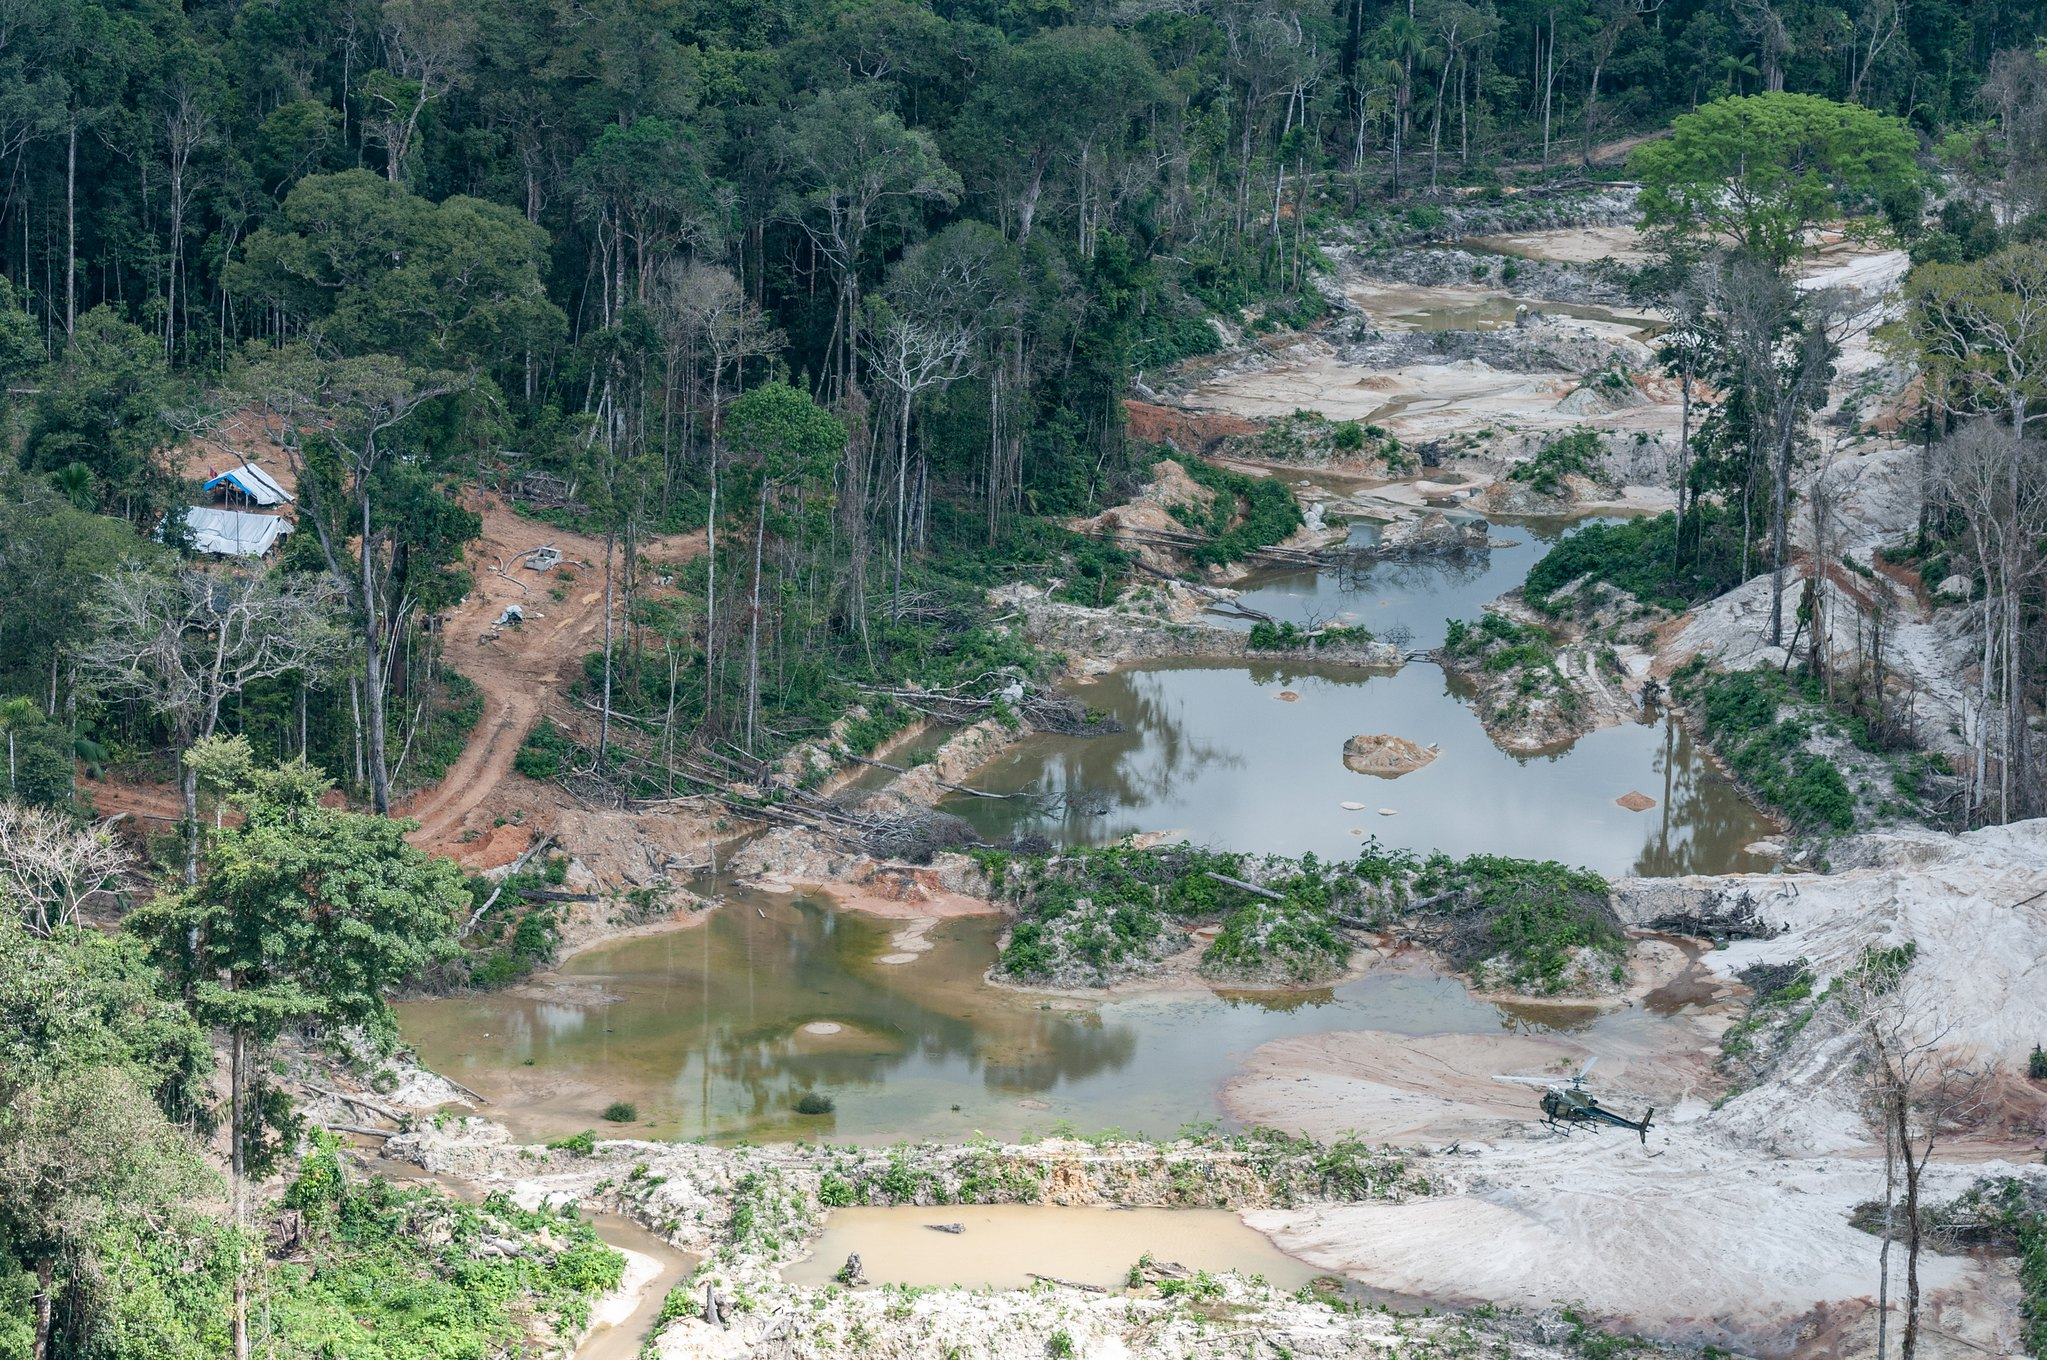 Vista aerea de uma mina ilegal na Terra Indígena Munduruku.